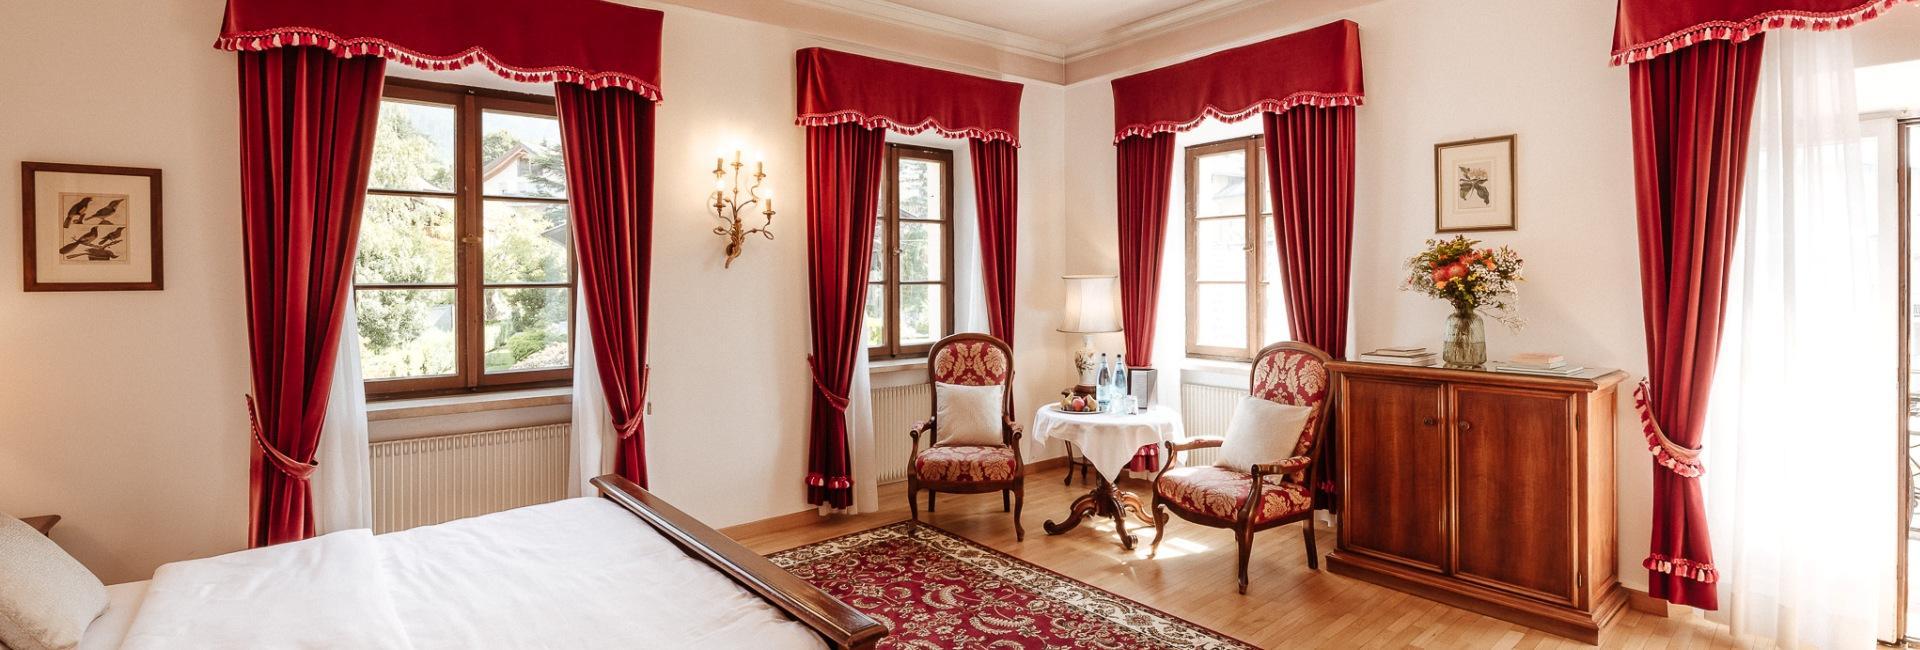 Room at Hotel Castel Rundegg in Merano